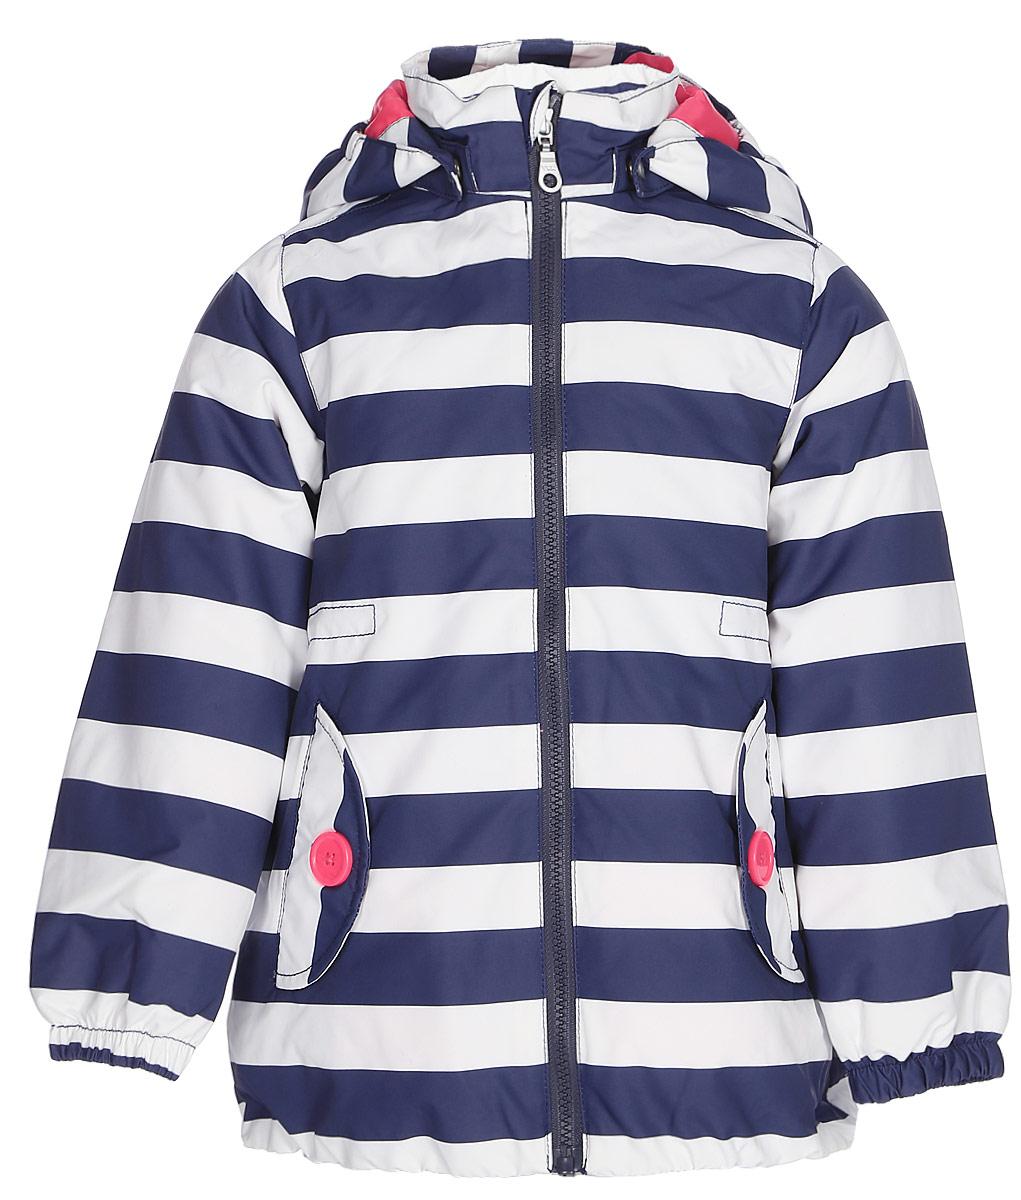 Куртка для девочки Lassie, цвет: темно-синий, белый. 721706R963. Размер 92721706R963Легкая и удобная куртка для девочек на весенне-осенний период. Она изготовлена из водоотталкивающего и ветронепроницаемого материала, но при этом хорошо дышит. Куртка снабжена дышащей и приятной на ощупь подкладкой, которая облегчает надевание. Съемный капюшон обеспечивает защиту от холодного ветра, а также безопасен во время игр на свежем воздухе! Благодаря эластичной талии и эластичному подолу эта удлиненная модель для девочек отлично сидит по фигуре. Снабжена множеством продуманных деталей, например двумя карманами с клапанами, эластичными манжетами и молнией во всю длину с защитой для подбородка.